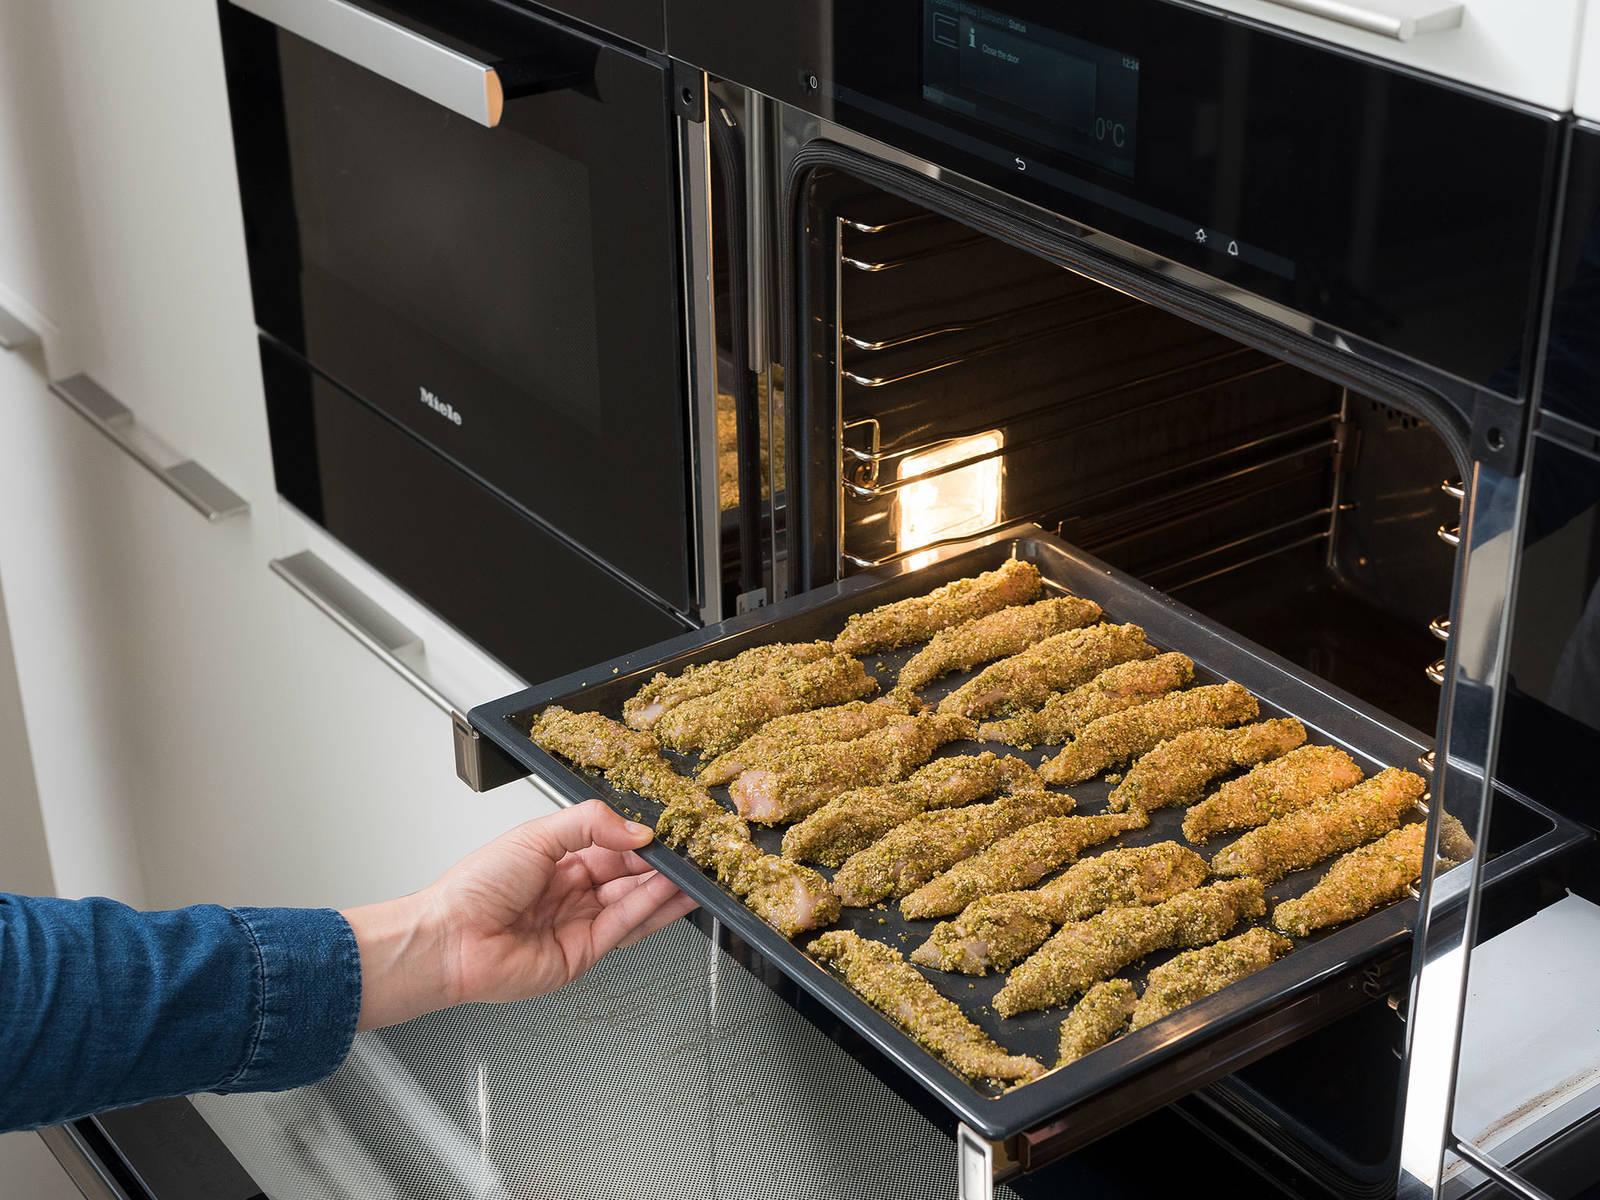 将鸡胸肉放到烤盘中,淋上橄榄油。放入烤箱,以200℃烤20分钟,或直至鸡肉变成金棕色,且完全烤熟。佐以黑醋栗酱享用吧!